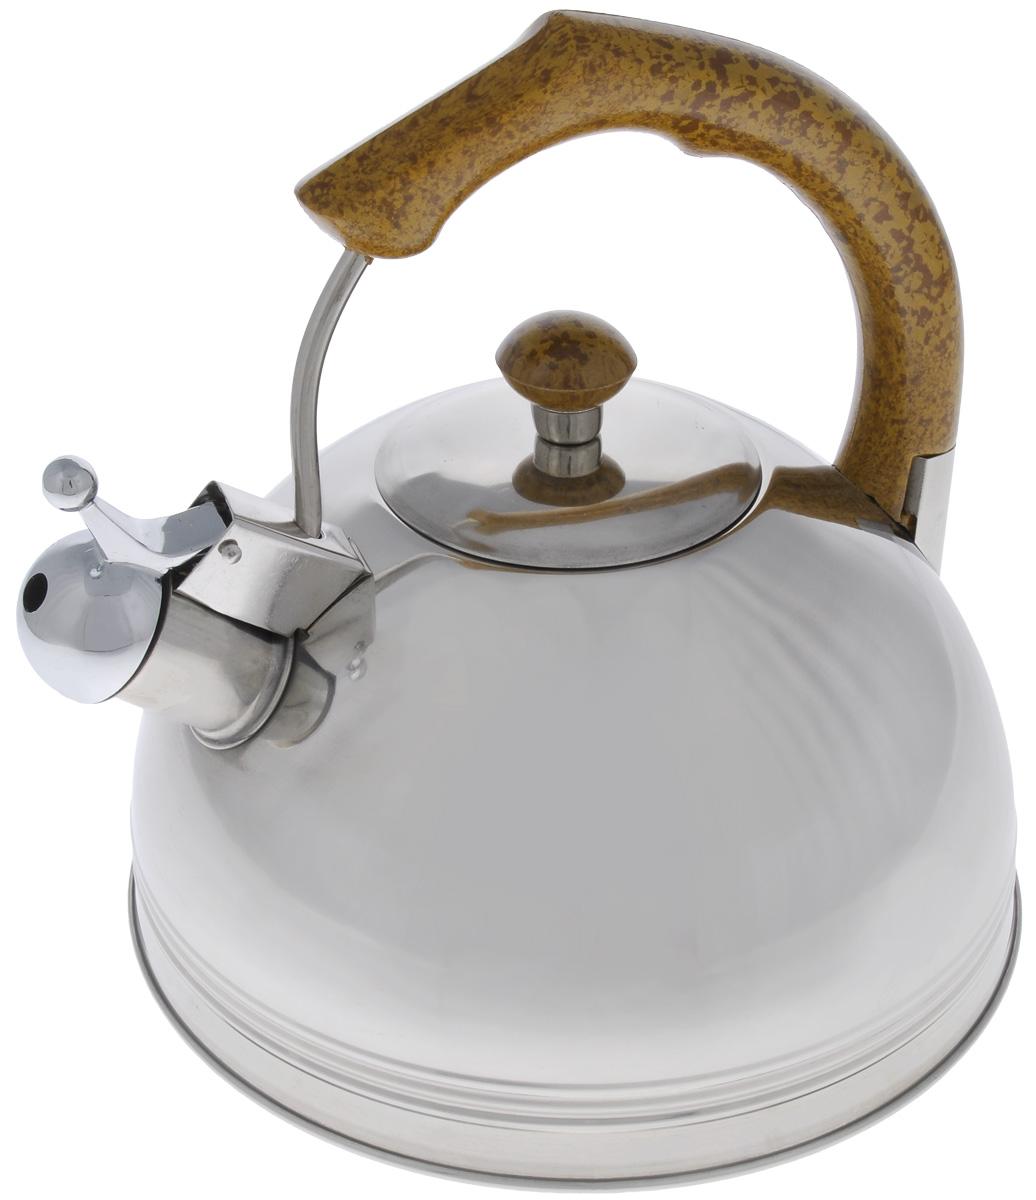 Чайник Mayer & Boch, со свистком, 2,5 л. 60886088Чайник Mayer & Boch выполнен из высококачественной нержавеющей стали, что делает его весьма гигиеничным и устойчивым к износу при длительном использовании. Капсулированное дно с прослойкой из алюминия обеспечивает наилучшее распределение тепла. Носик чайника оснащен насадкой-свистком, что позволит вам контролировать процесс подогрева или кипячения воды. Фиксированная ручка, изготовленная из бакелита в цвет дерева, делает использование чайника очень удобным и безопасным. Поверхность чайника гладкая, что облегчает уход за ним. Эстетичный и функциональный, с эксклюзивным дизайном, чайник будет оригинально смотреться в любом интерьере. Подходит для всех типов плит, кроме индукционных. Можно мыть в посудомоечной машине. Высота чайника (без учета ручки и крышки): 8,5 см. Высота чайника (с учетом ручки и крышки): 21 см. Диаметр чайника (по верхнему краю): 11,5 см.